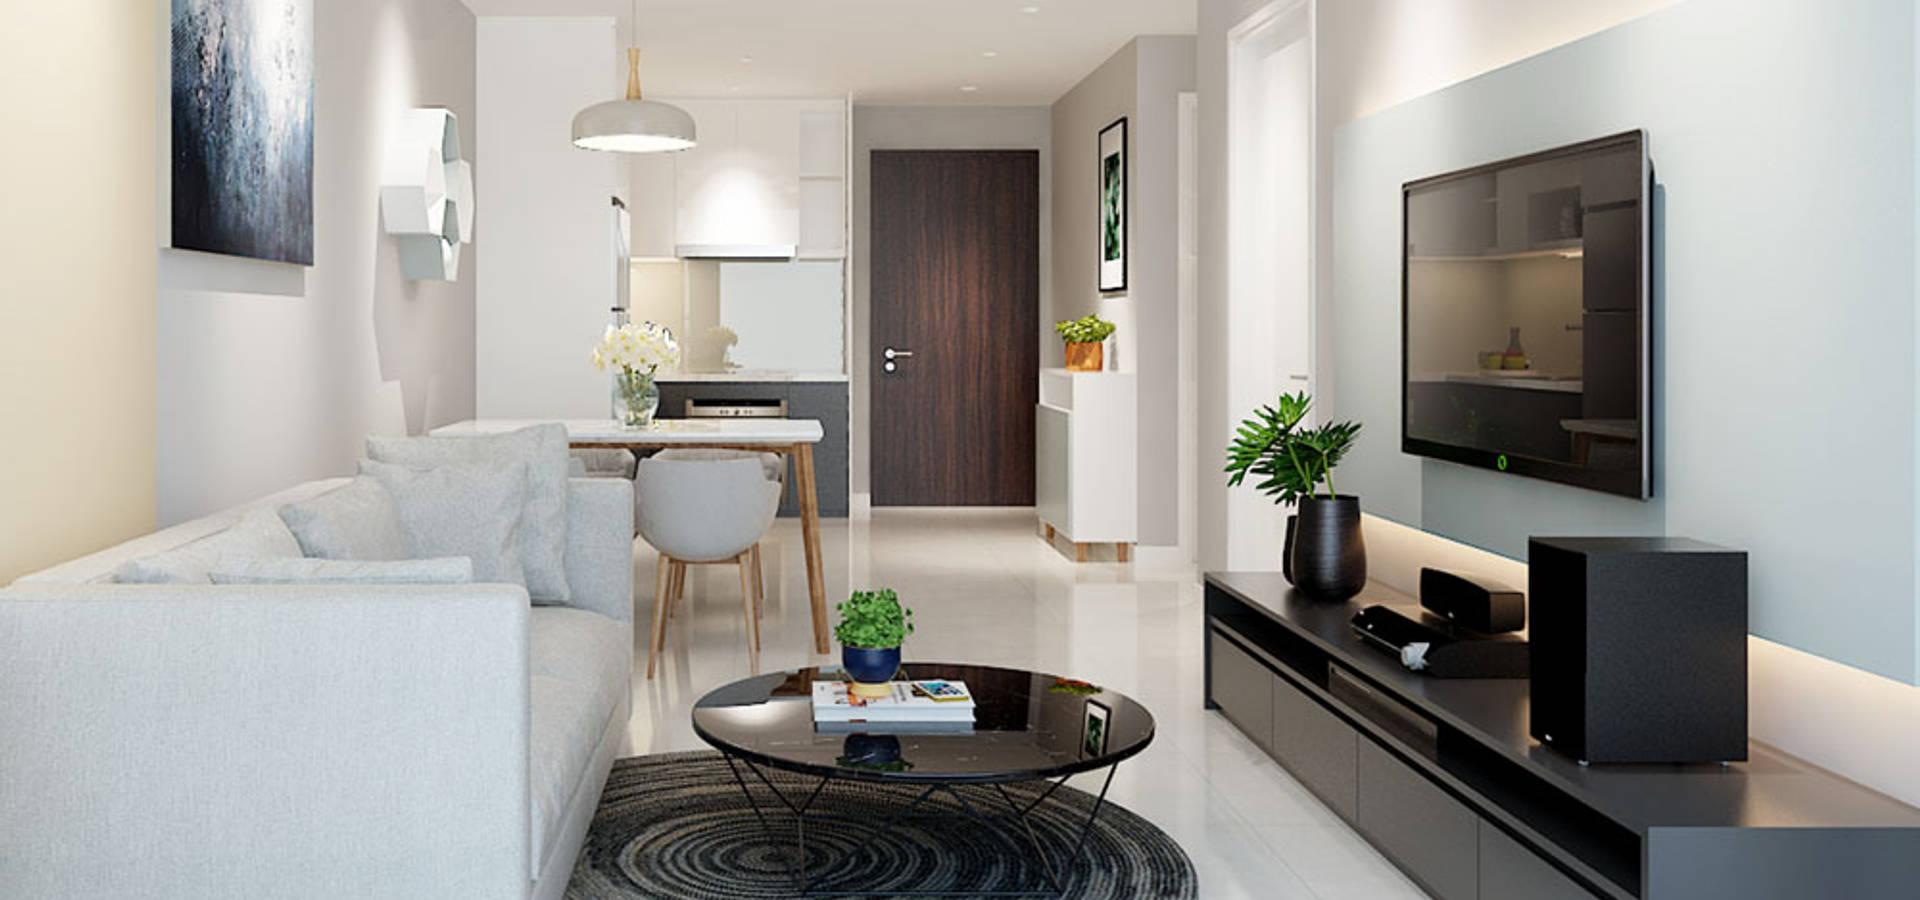 nội thất căn hộ hiện đại CEEB